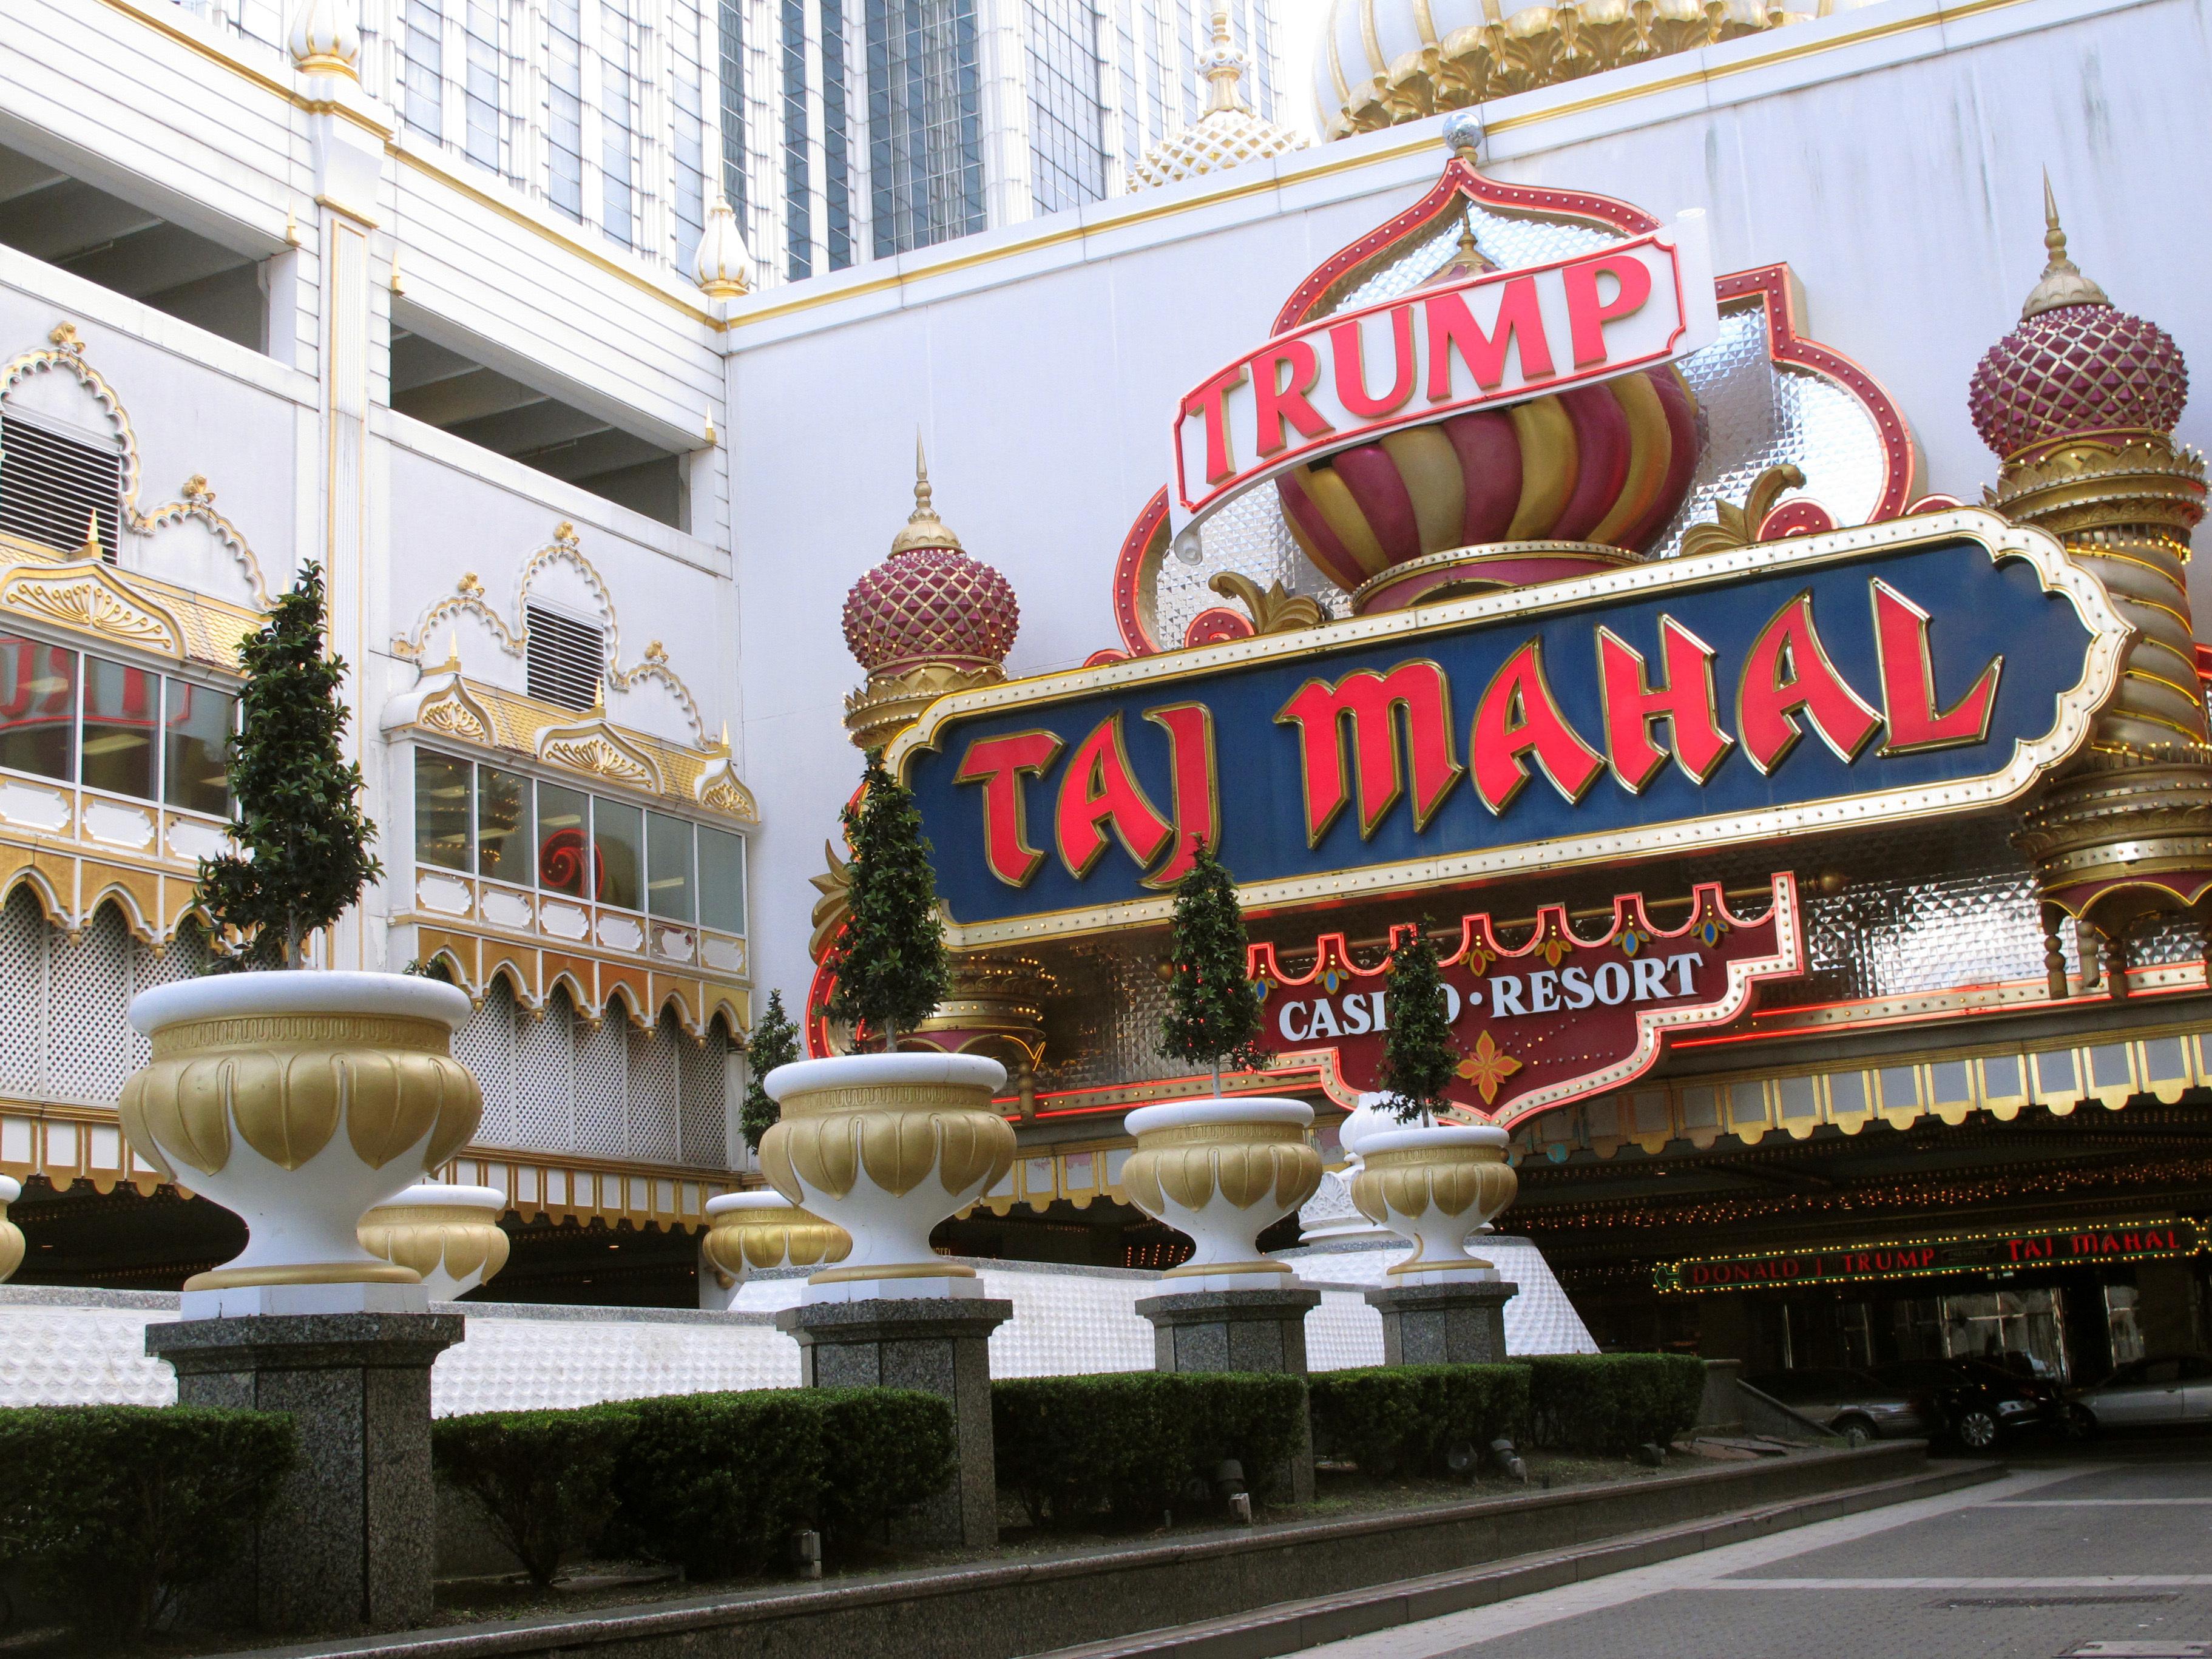 Taj casino nj nfs 2 se games download